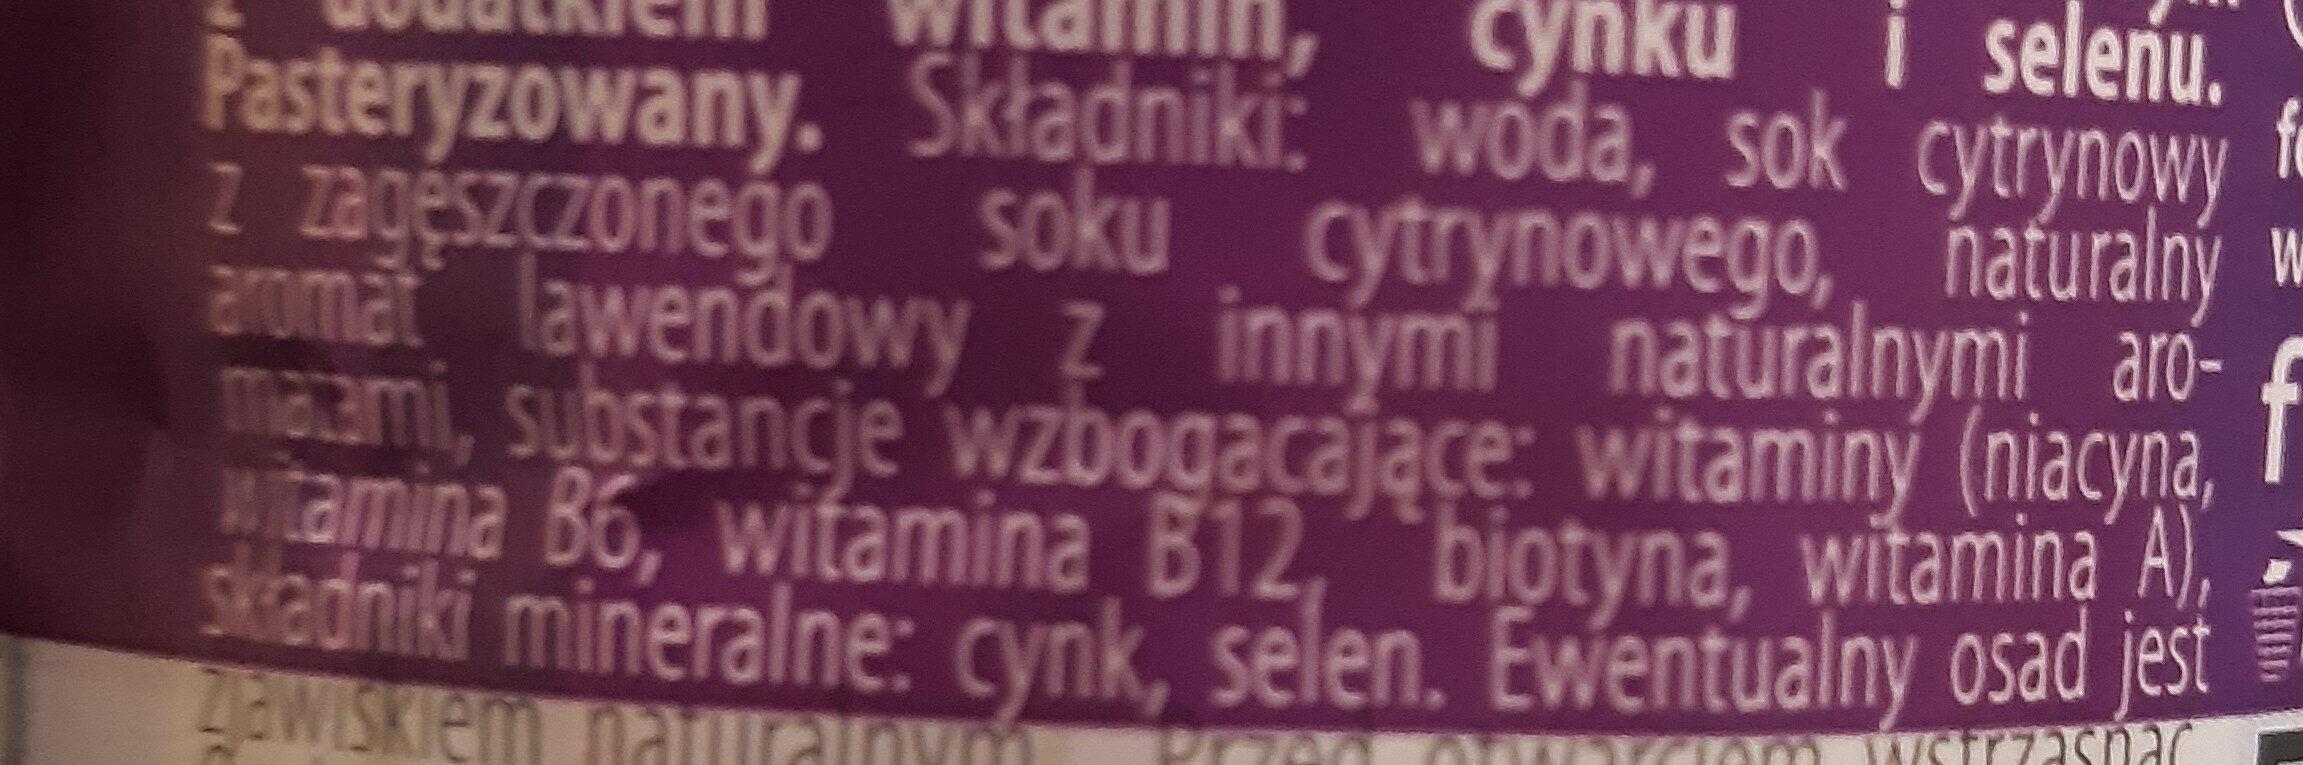 Oshee vitamin water beauty - Ingrédients - pl